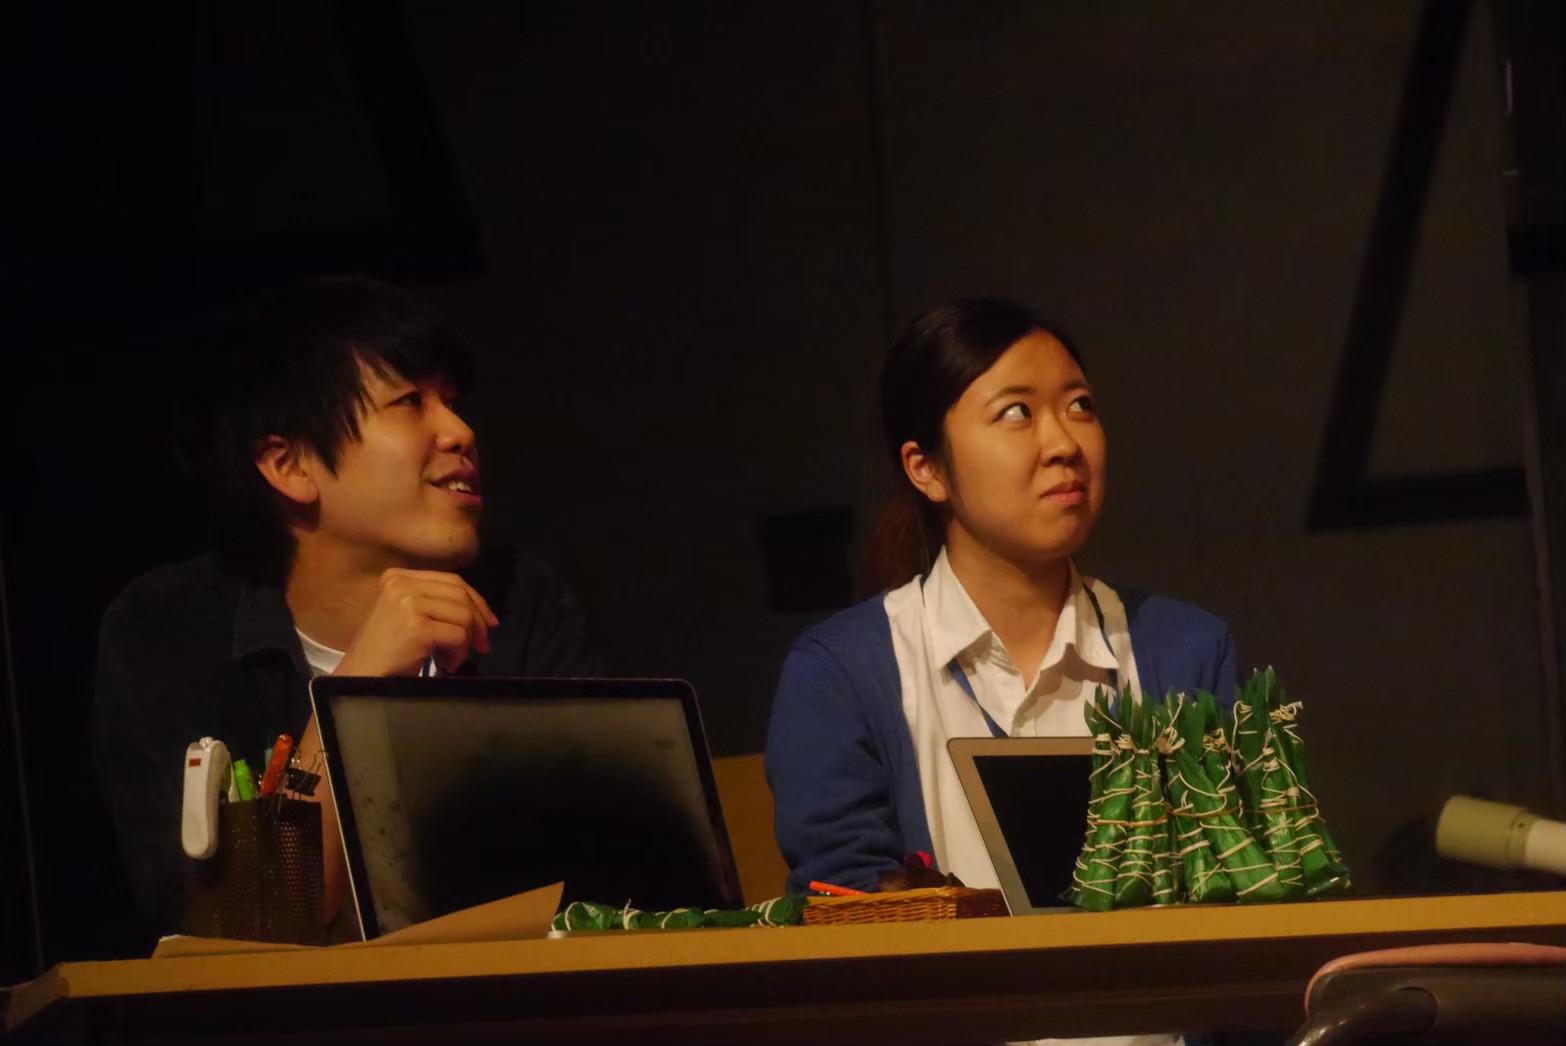 劇団スポーツ『すごくうるさい山』舞台写真(撮影=本田百音)_0062